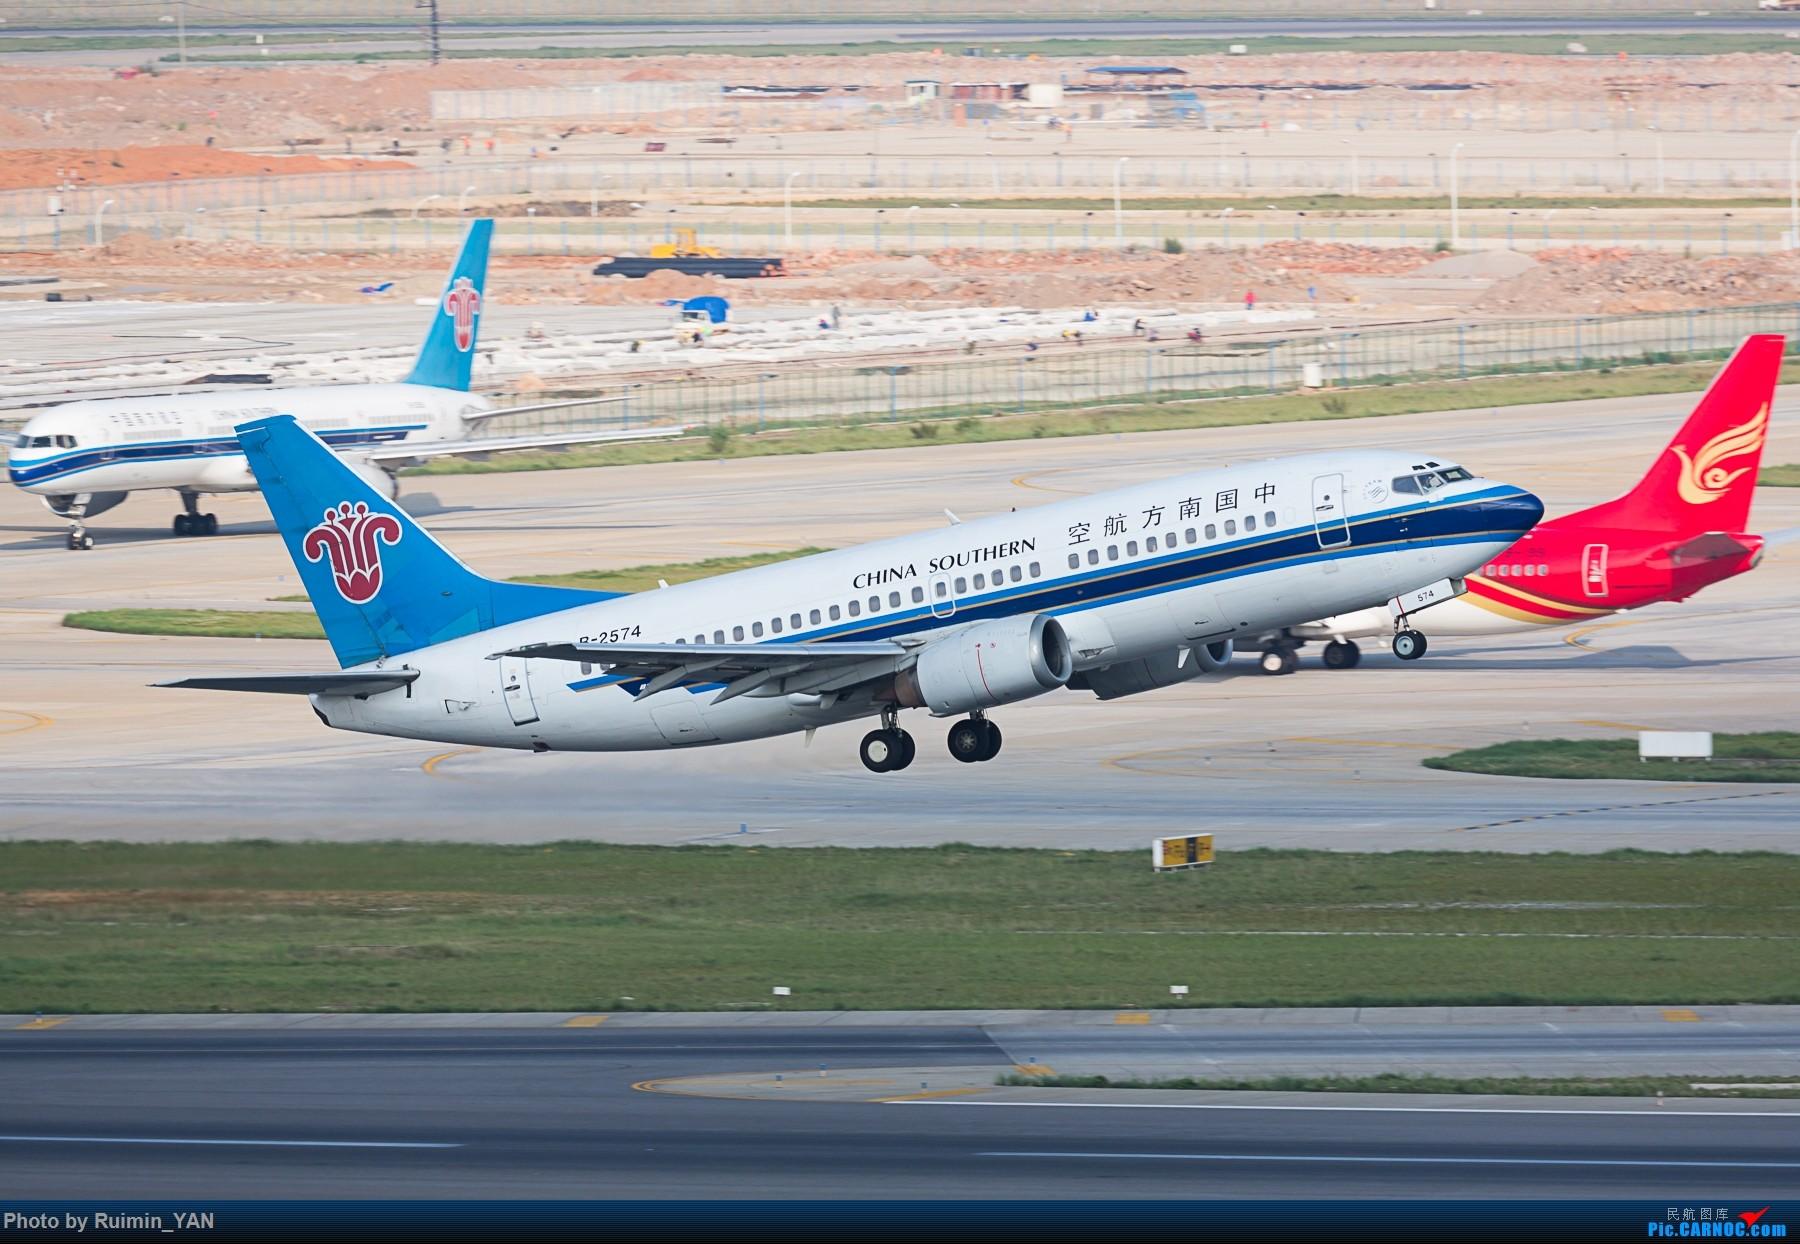 Re:[原创]【KMG】【起飞】告别 南航(CZ) B-2574 B733 BOEING 737-300 B-2574 中国昆明长水国际机场